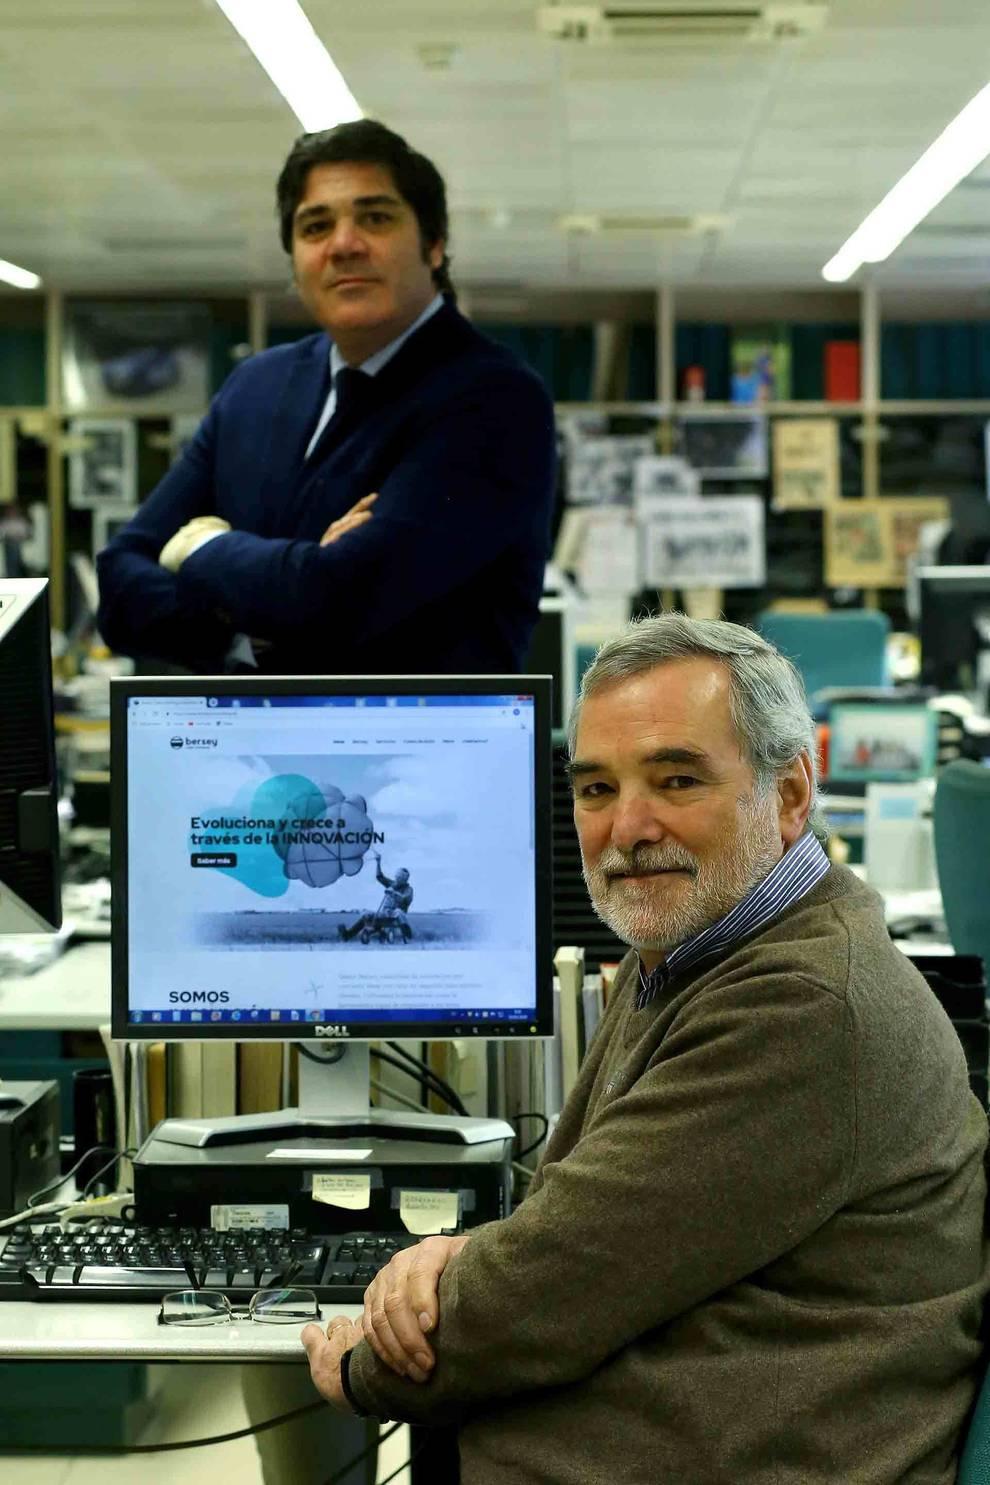 Europa da más de 4 millones de euros para que las pymes innoven y salgan fuera